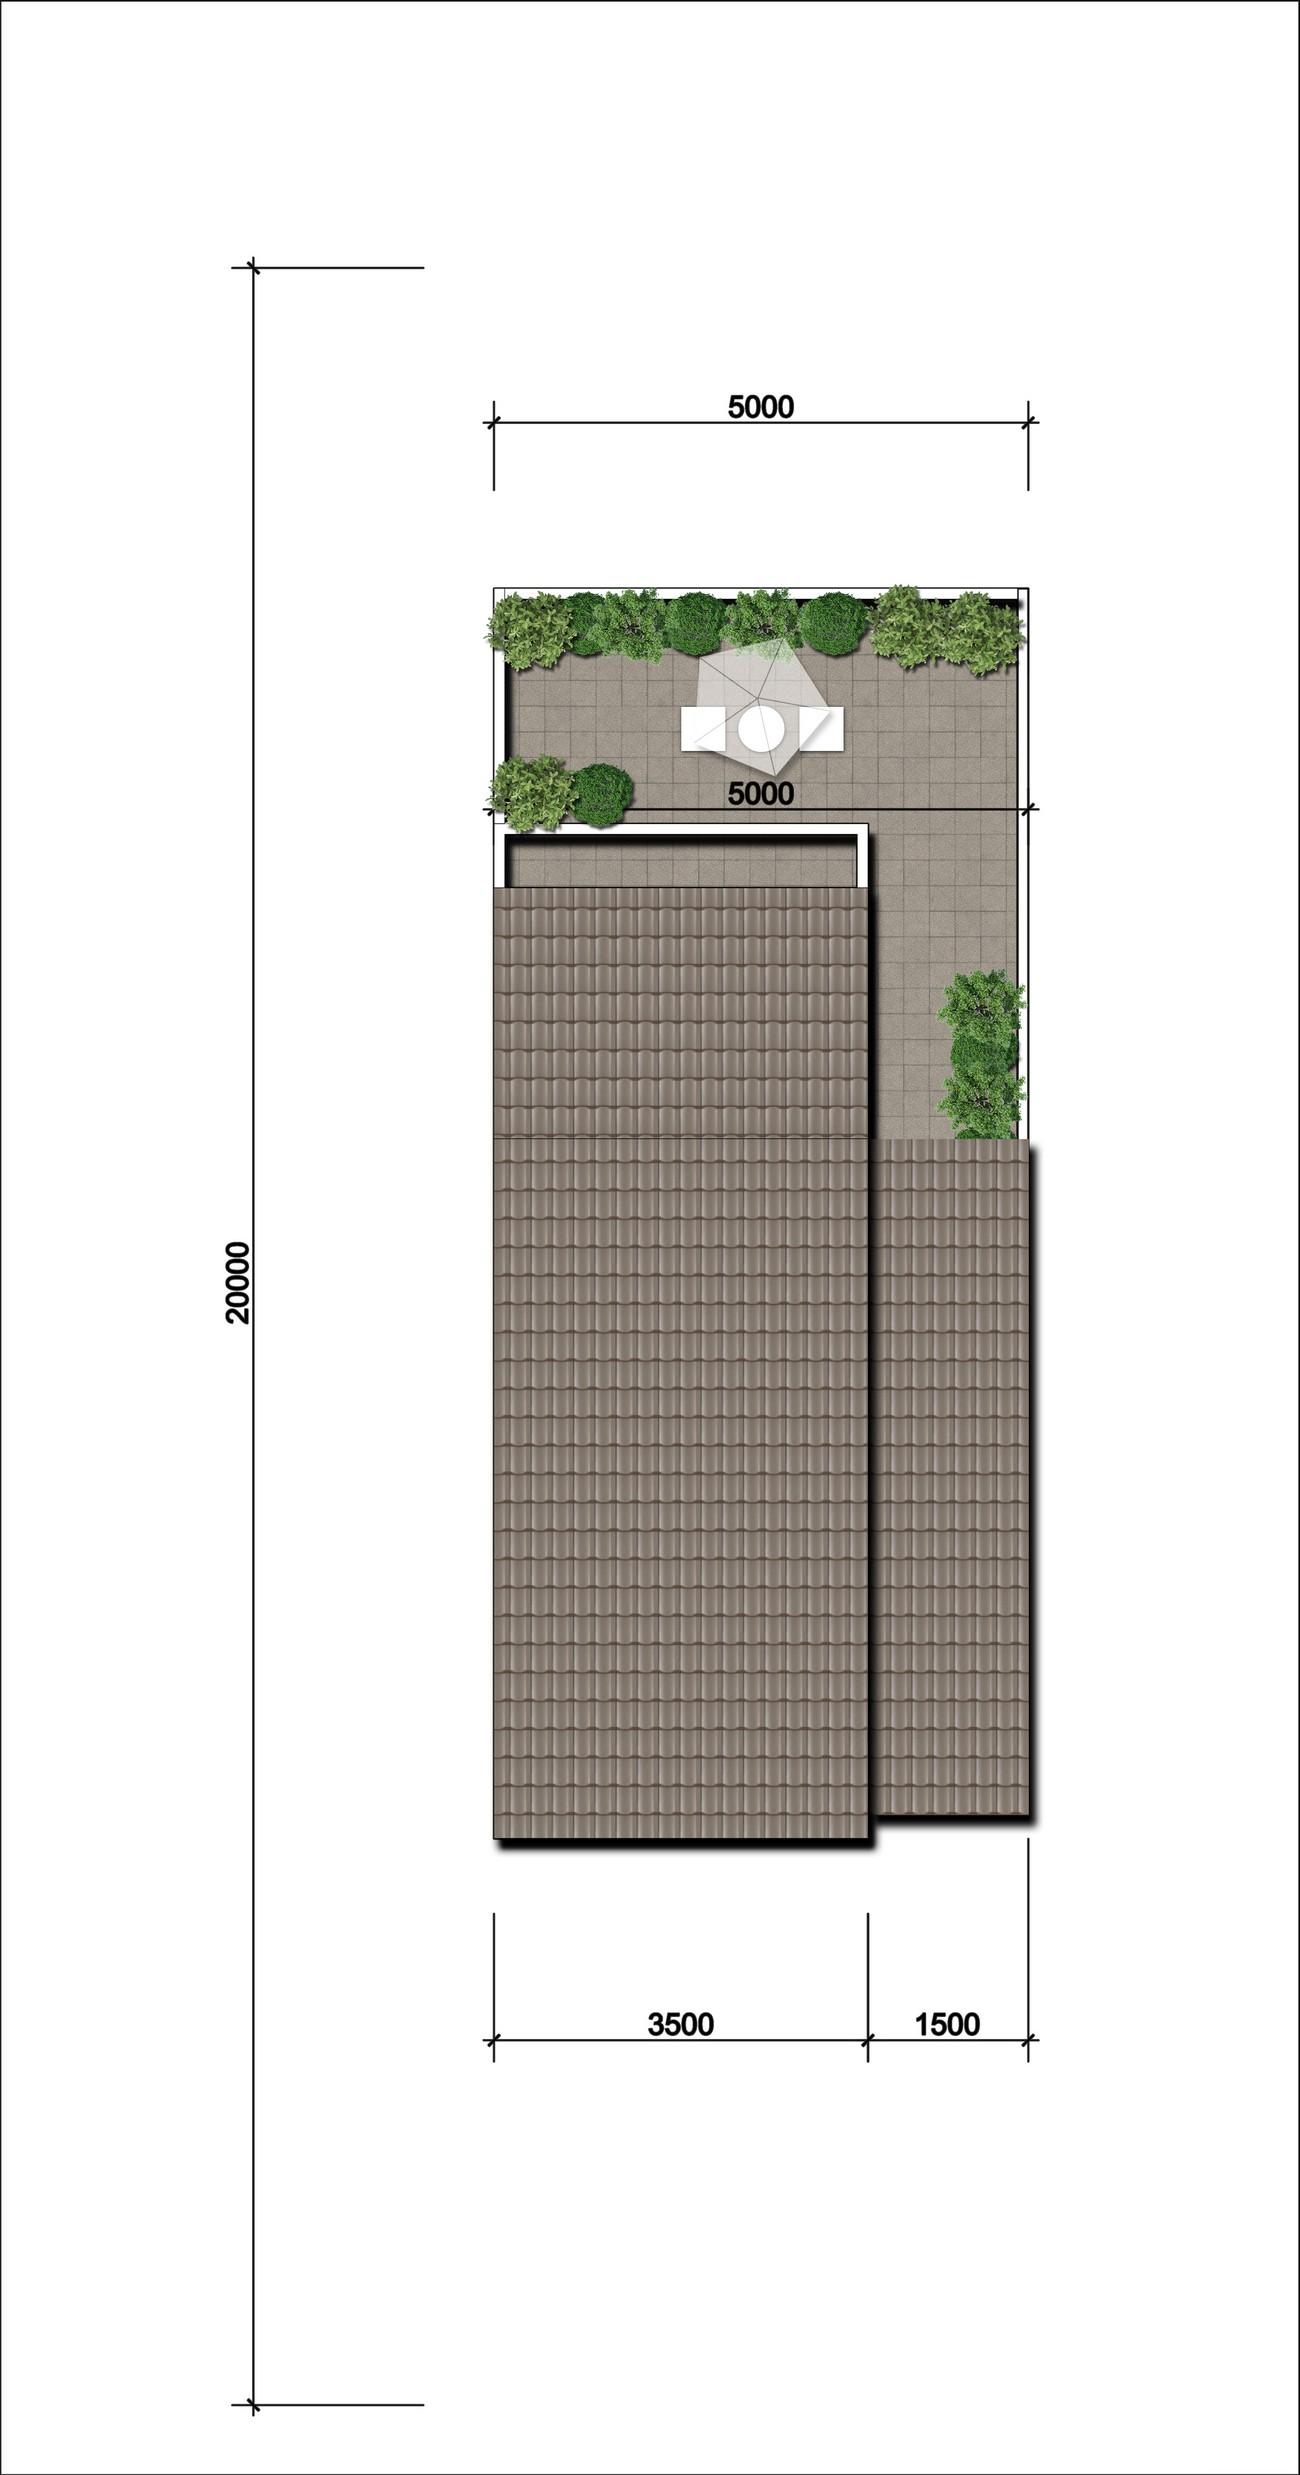 Thiết kế chi tiết nhà liên kế 2 mái Gem Sky World Đất Xanh Đường Quốc Lộ 51 Long Thành